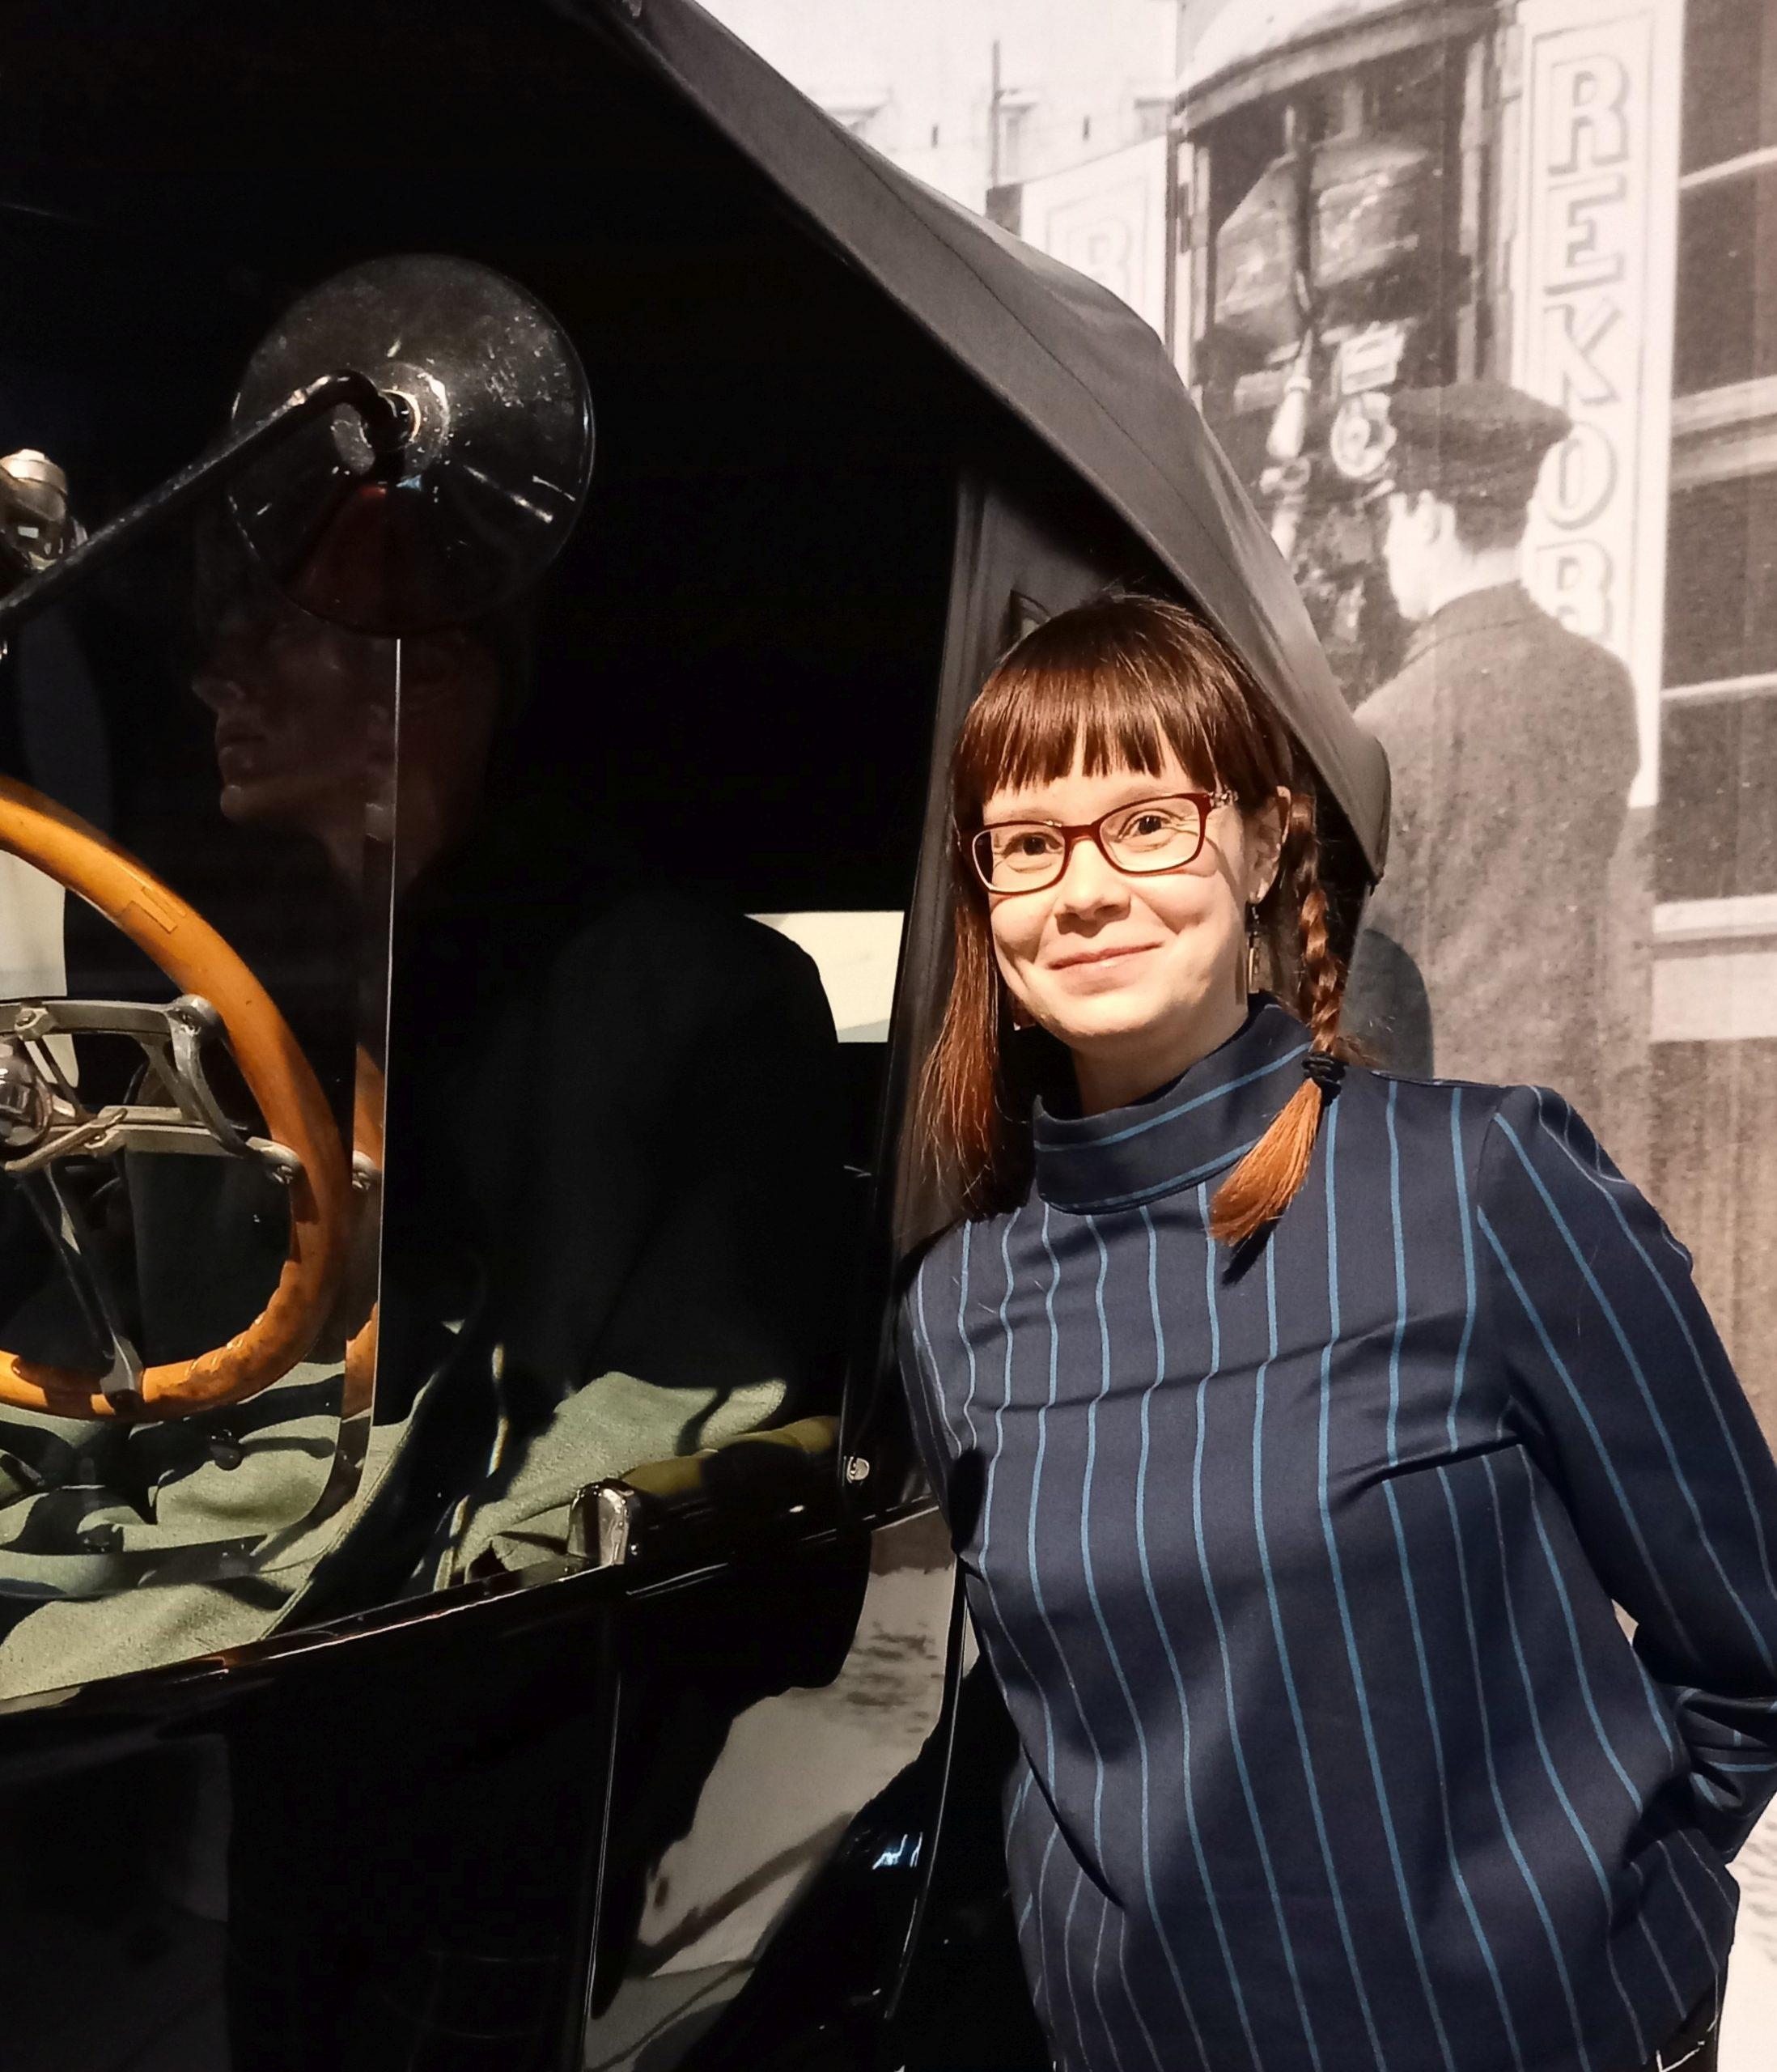 Kirjailija Terhi Rannela siniraitaisessa paidassa vanha T-fordin vieressä.